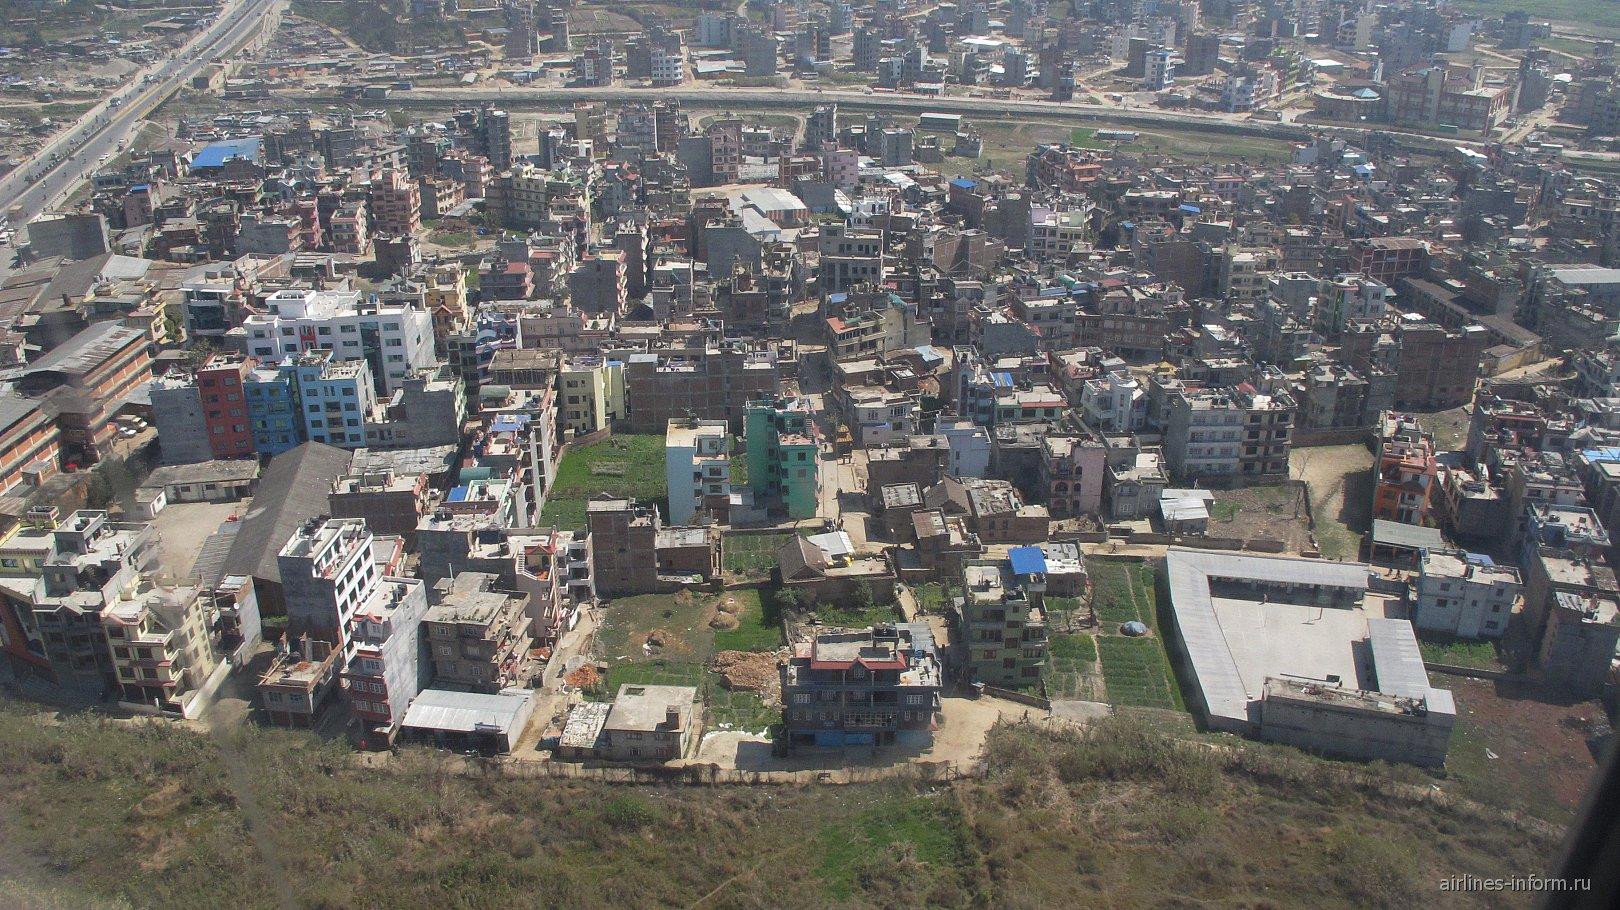 Жилые кварталы рядом с аэропортом Катманду